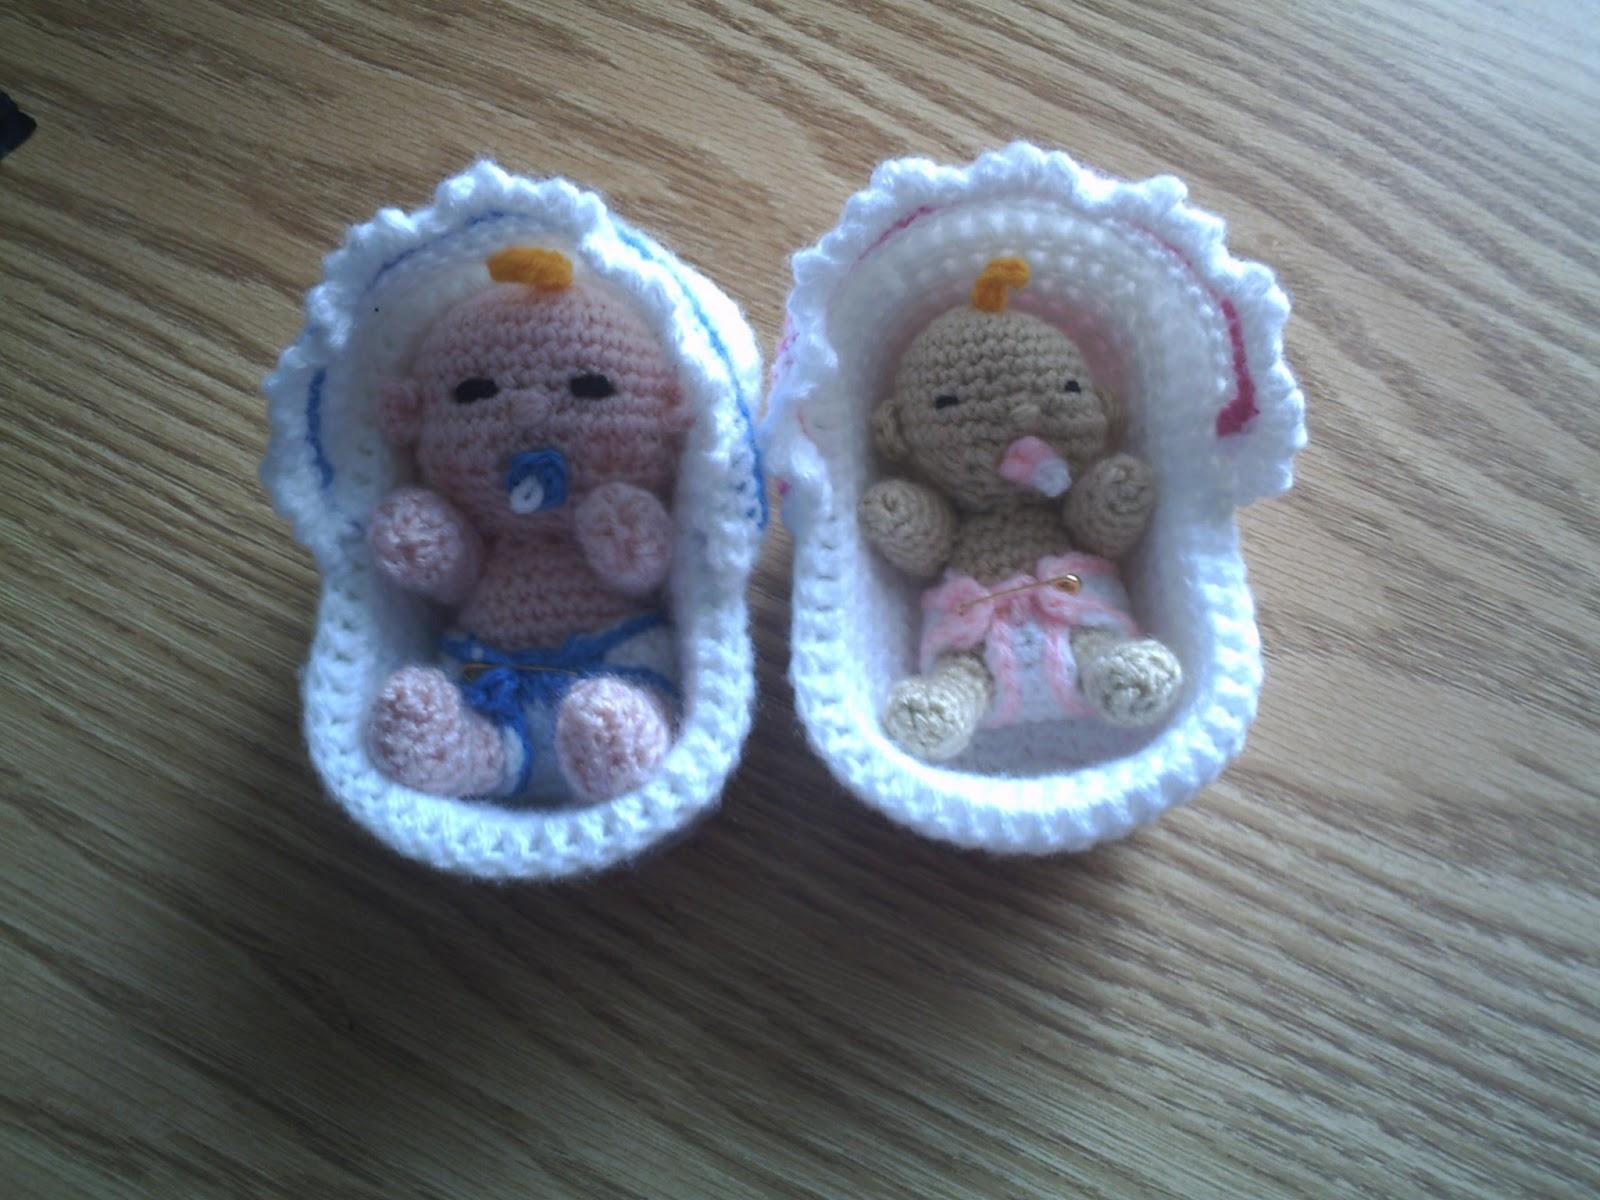 Easy Crochet Baby Afghan Free Patterns : Zwaantje Creatief !!!??: Gratis patroon van mijn wiegje !!